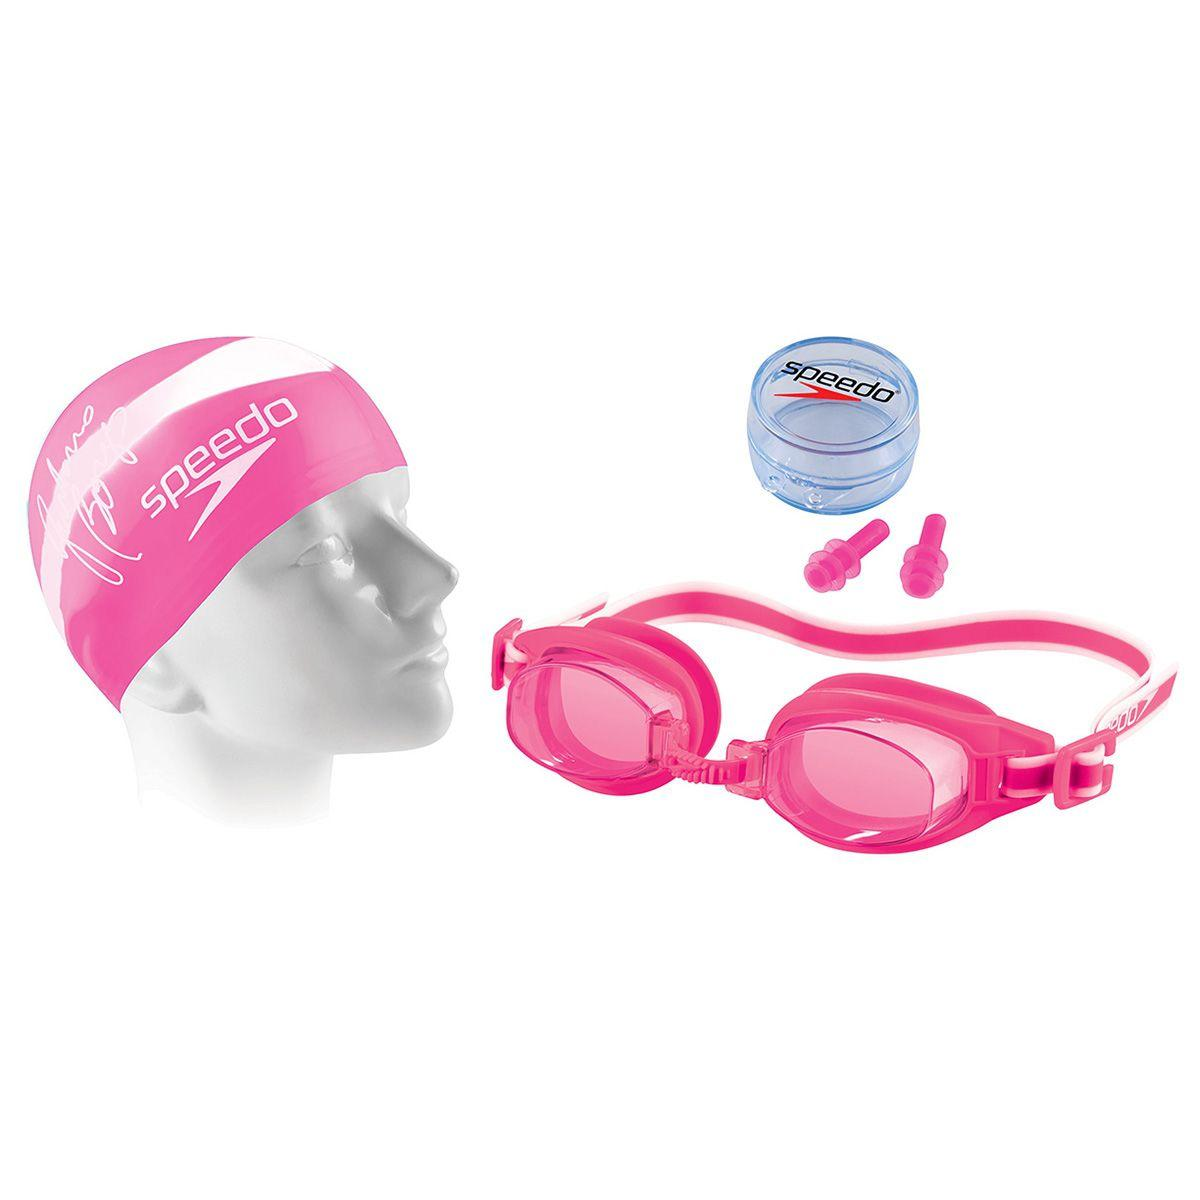 Kit Óculos Touca E Protetor De Ouvido 3.0 Swim Rosa U Speedo R  38,90 à  vista. Adicionar à sacola c2bdd3019b